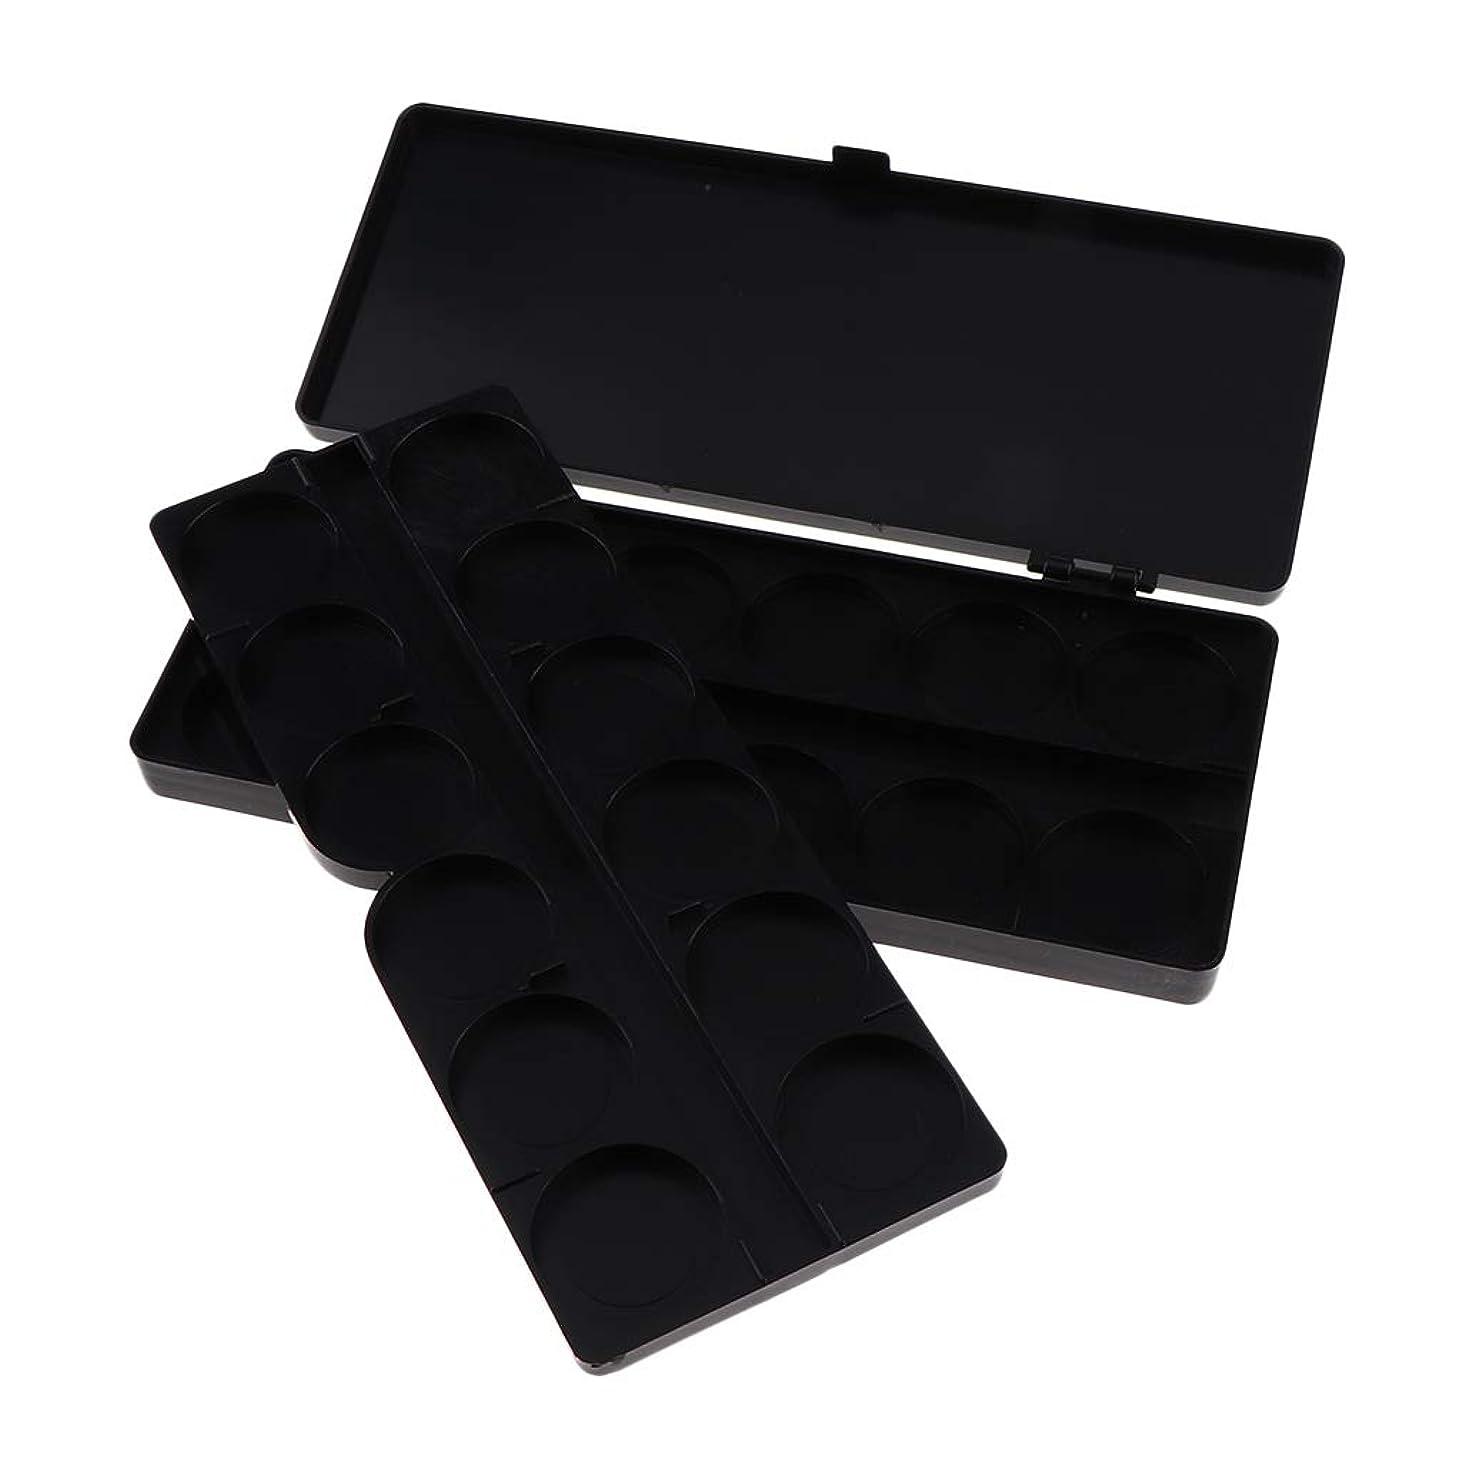 精緻化フレアバイオレットT TOOYFUL 全3色 ガッシュ/水彩画/アクリルオイルペイント用 ネイルアート 化粧品 混合パレット 顔料パレット - ブラック